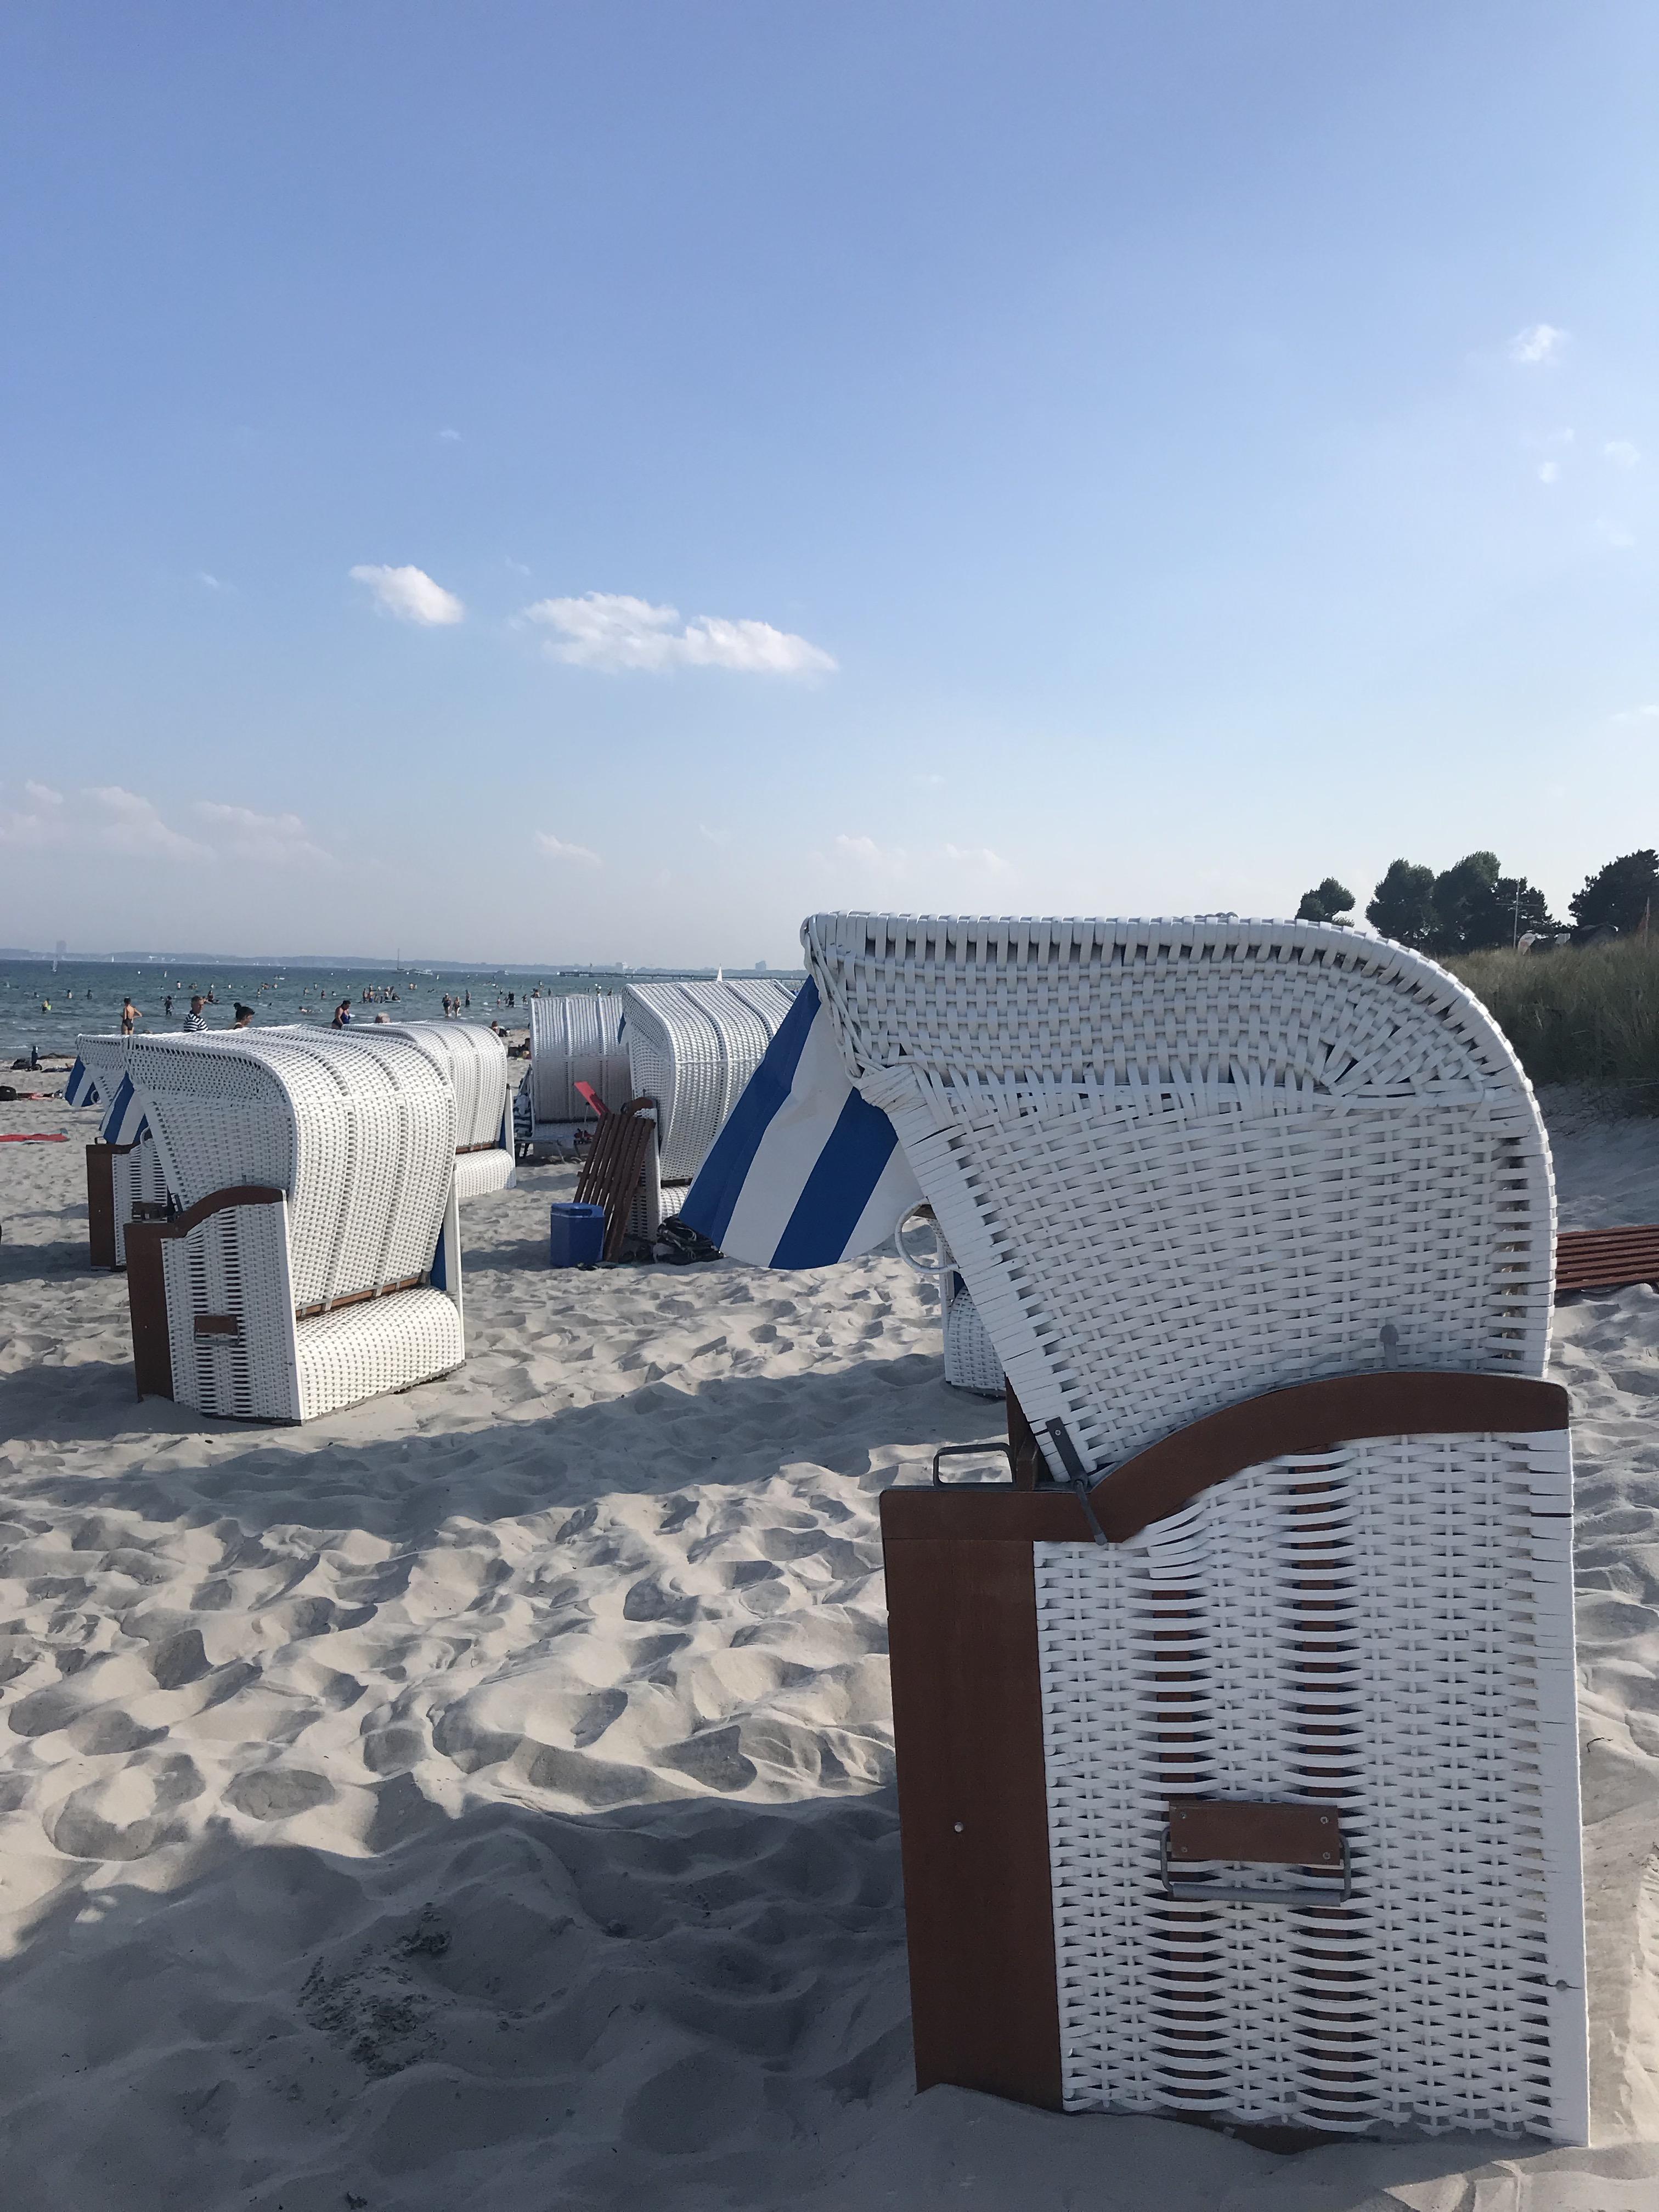 strandkörbe-spiaggia-scharbeutz-schleswig-holstein-germania